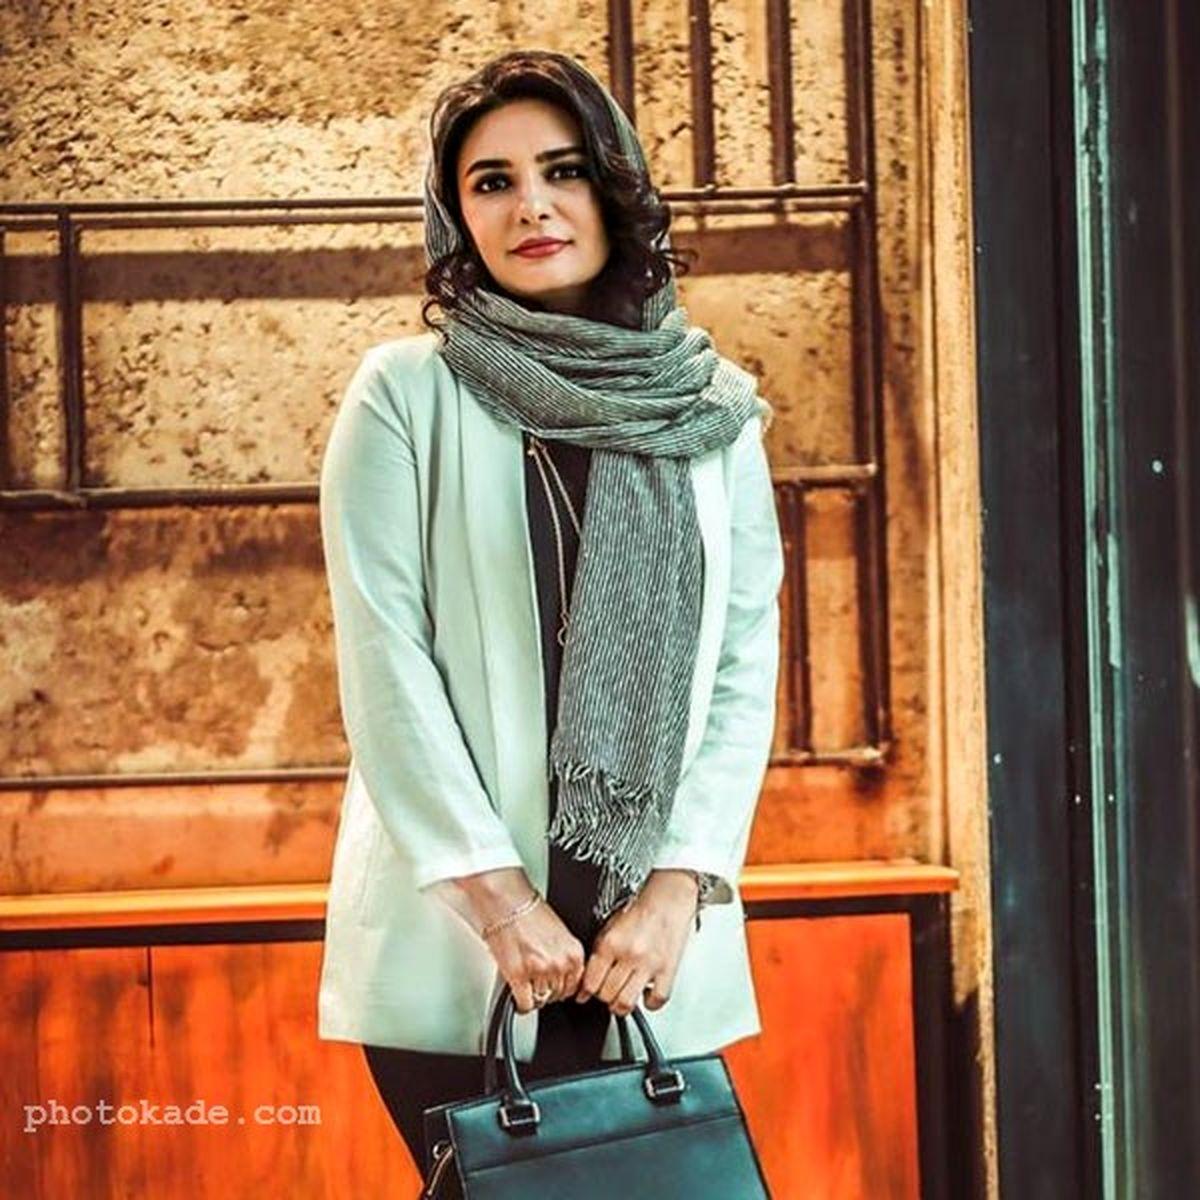 رابطه پنهانی لیندا کیانی با شوهر لیلا حاتمی در سریال میدان سرخ | عکسهای لیندا کیانی